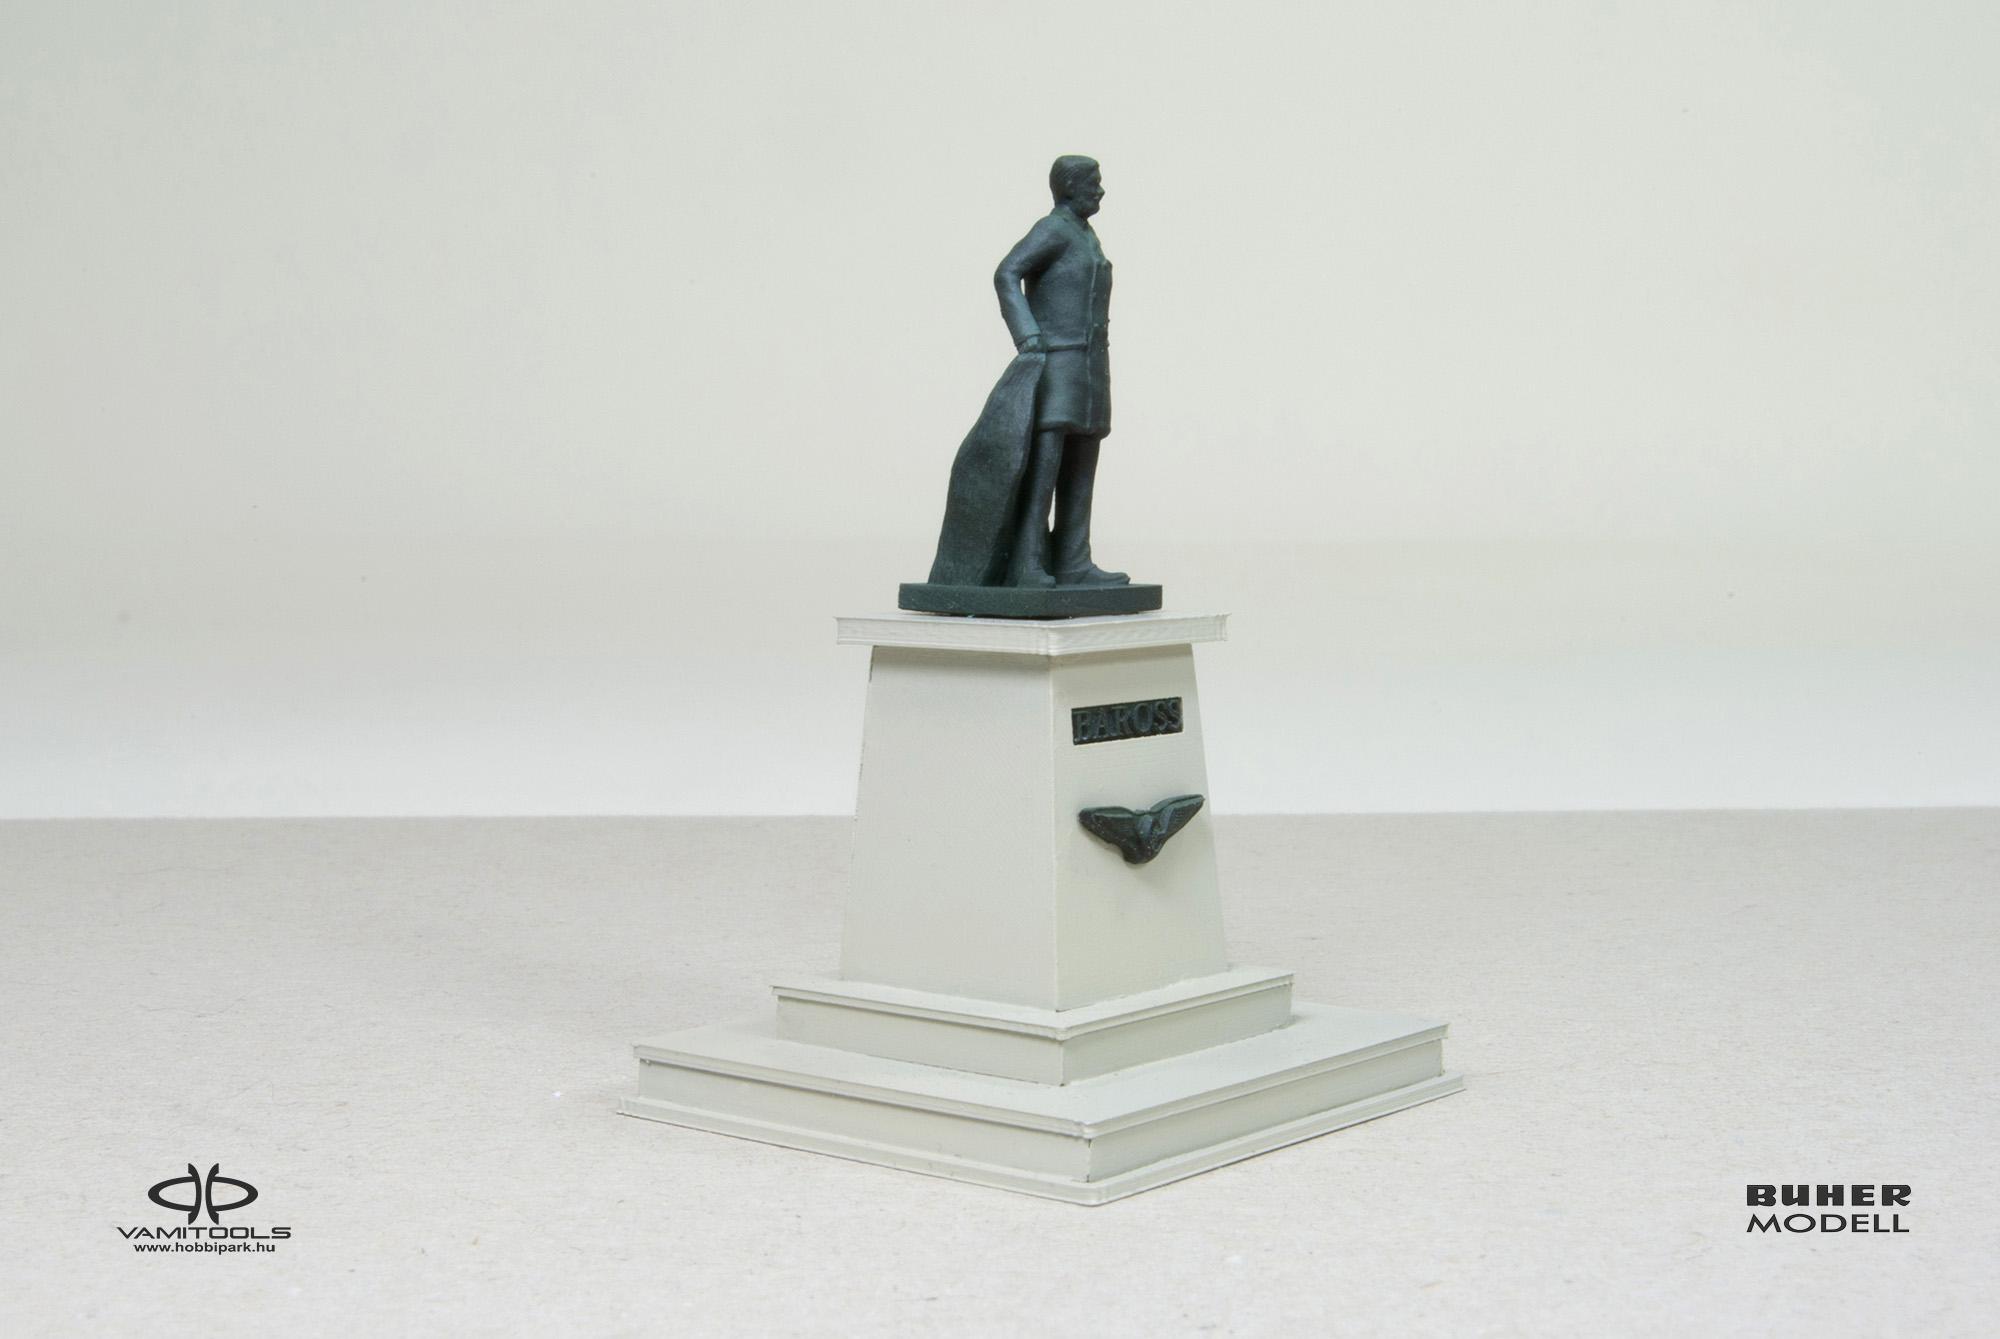 szobor, emlékmű, Baross szobor, Baross emlékmű, emlékmű, alkotás, mű, műemlék, bronz szobor, kőszobor, Baross Gábor szobor, Baross Gábor bronz szobor, Baross Gábor emlékmű, terepasztal, dioráma, H0 szobor, H0 emlékmű, H0 Baross szobor, H0 Baross emlékmű, H0 emlékmű, H0 alkotás, H0 mű, H0 műemlék, H0 bronz szobor, H0 kőszobor, H0 Baross Gábor szobor, H0 Baross Gábor bronz szobor, H0 Baross Gábor emlékmű, H0 terepasztal, H0 dioráma, 1:87 szobor, 1:87 emlékmű, 1:87 Baross szobor, 1:87 Baross emlékmű, 1:87 emlékmű, 1:87 alkotás, 1:87 mű, 1:87 műemlék, 1:87 bronz szobor, 1:87 kőszobor, 1:87 Baross Gábor szobor, 1:87 Baross Gábor bronz szobor, 1:87 Baross Gábor emlékmű, 1:87 terepasztal, 1:87 dioráma, TT szobor, TT emlékmű, TT Baross szobor, TT Baross emlékmű, TT emlékmű, TT alkotás, TT mű, TT műemlék, TT bronz szobor, TT kőszobor, TT Baross Gábor szobor, TT Baross Gábor bronz szobor, TT Baross Gábor emlékmű, TT terepasztal, TT dioráma, 1:120 szobor, 1:120 emlékmű, 1:120 Baross szobor, 1:120 Baross emlékmű, 1:120 emlékmű, 1:120 alkotás, 1:120 mű, 1:120 műemlék, 1:120 bronz szobor, 1:120 kőszobor, 1:120 Baross Gábor szobor, 1:120 Baross Gábor bronz szobor, 1:120 Baross Gábor emlékmű, 1:120 terepasztal, 1:120 dioráma, N szobor, N emlékmű, N Baross szobor, N Baross emlékmű, N emlékmű, N alkotás, N mű, N műemlék, N bronz szobor, N kőszobor, N Baross Gábor szobor, N Baross Gábor bronz szobor, N Baross Gábor emlékmű, N terepasztal, N dioráma, 1:160 szobor, 1:160 emlékmű, 1:160 Baross szobor, 1:160 Baross emlékmű, 1:160 emlékmű, 1:160 alkotás, 1:160 mű, 1:160 műemlék, 1:160 bronz szobor, 1:160 kőszobor, 1:160 Baross Gábor szobor, 1:160 Baross Gábor bronz szobor, 1:160 Baross Gábor emlékmű, 1:160 terepasztal, 1:160 dioráma, modell szobor, modell emlékmű, modell Baross szobor, modell Baross emlékmű, modell emlékmű, modell alkotás, modell mű, modell műemlék, modell bronz szobor, modell kőszobor, modell Baross Gábor szobor, modell Baross Gábor bronz szobor, modell Baross Gábor emlék